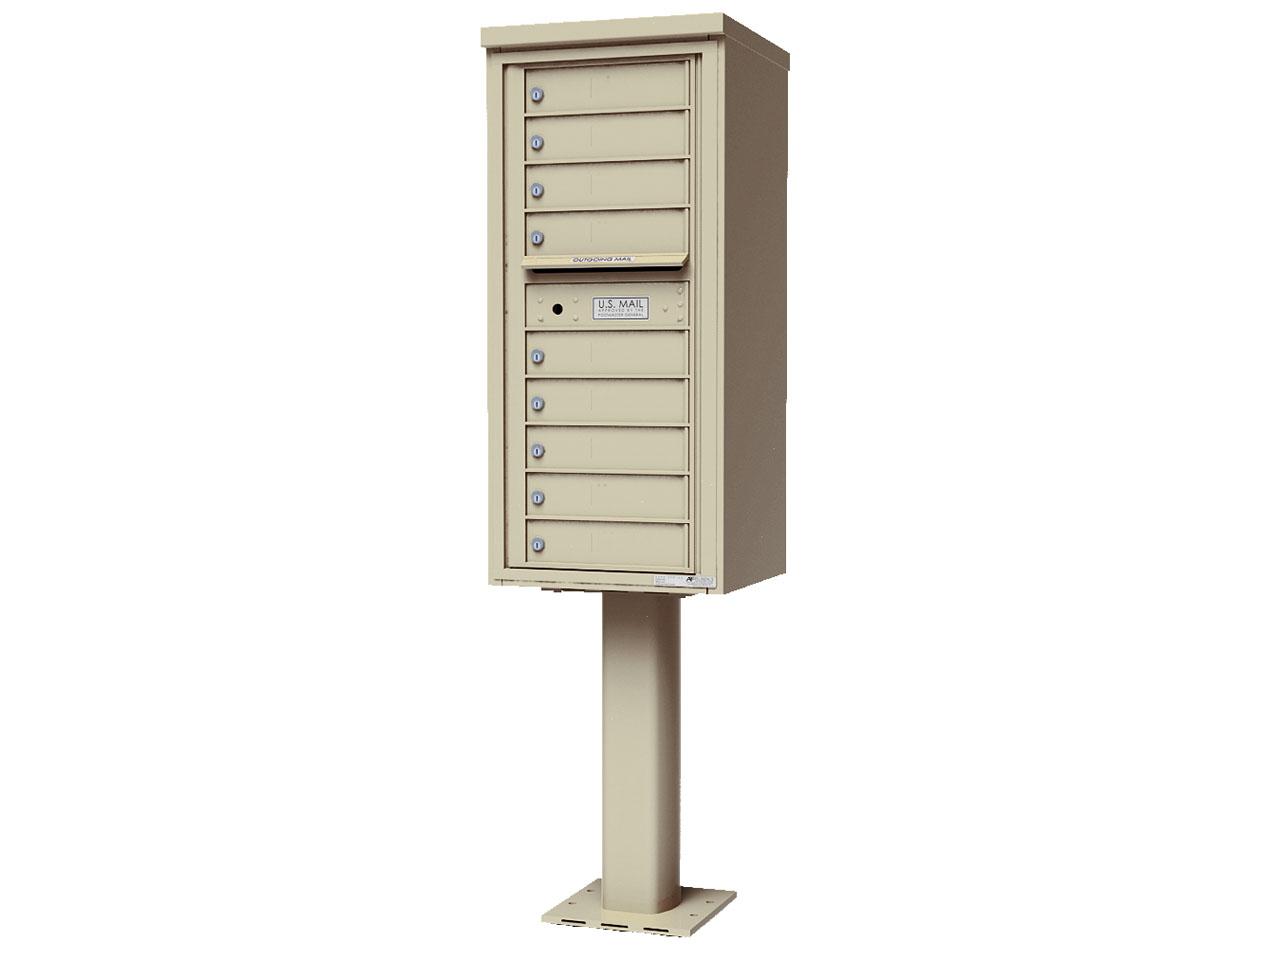 4C Pedestal - 9 Doors